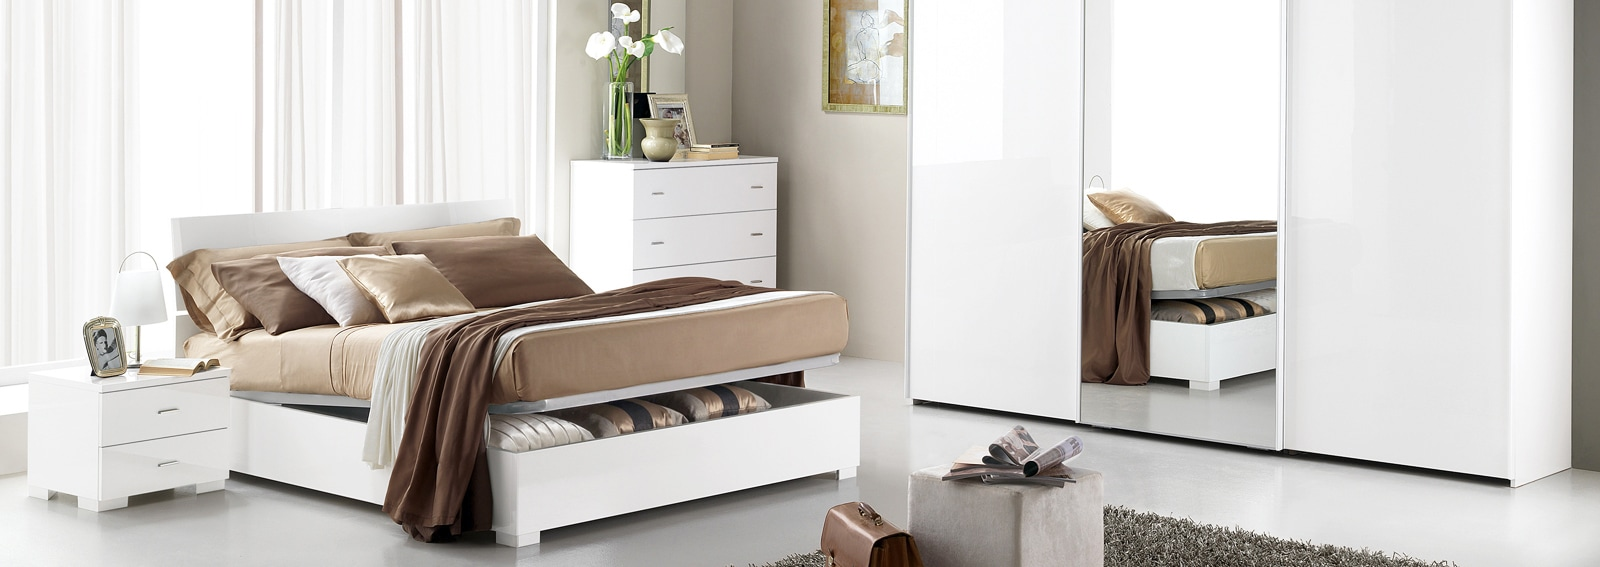 Siete alla ricerca dell'arredo per la camera da letto? Mondo Convenienza Le Camere Da Letto Piu Belle Grazia